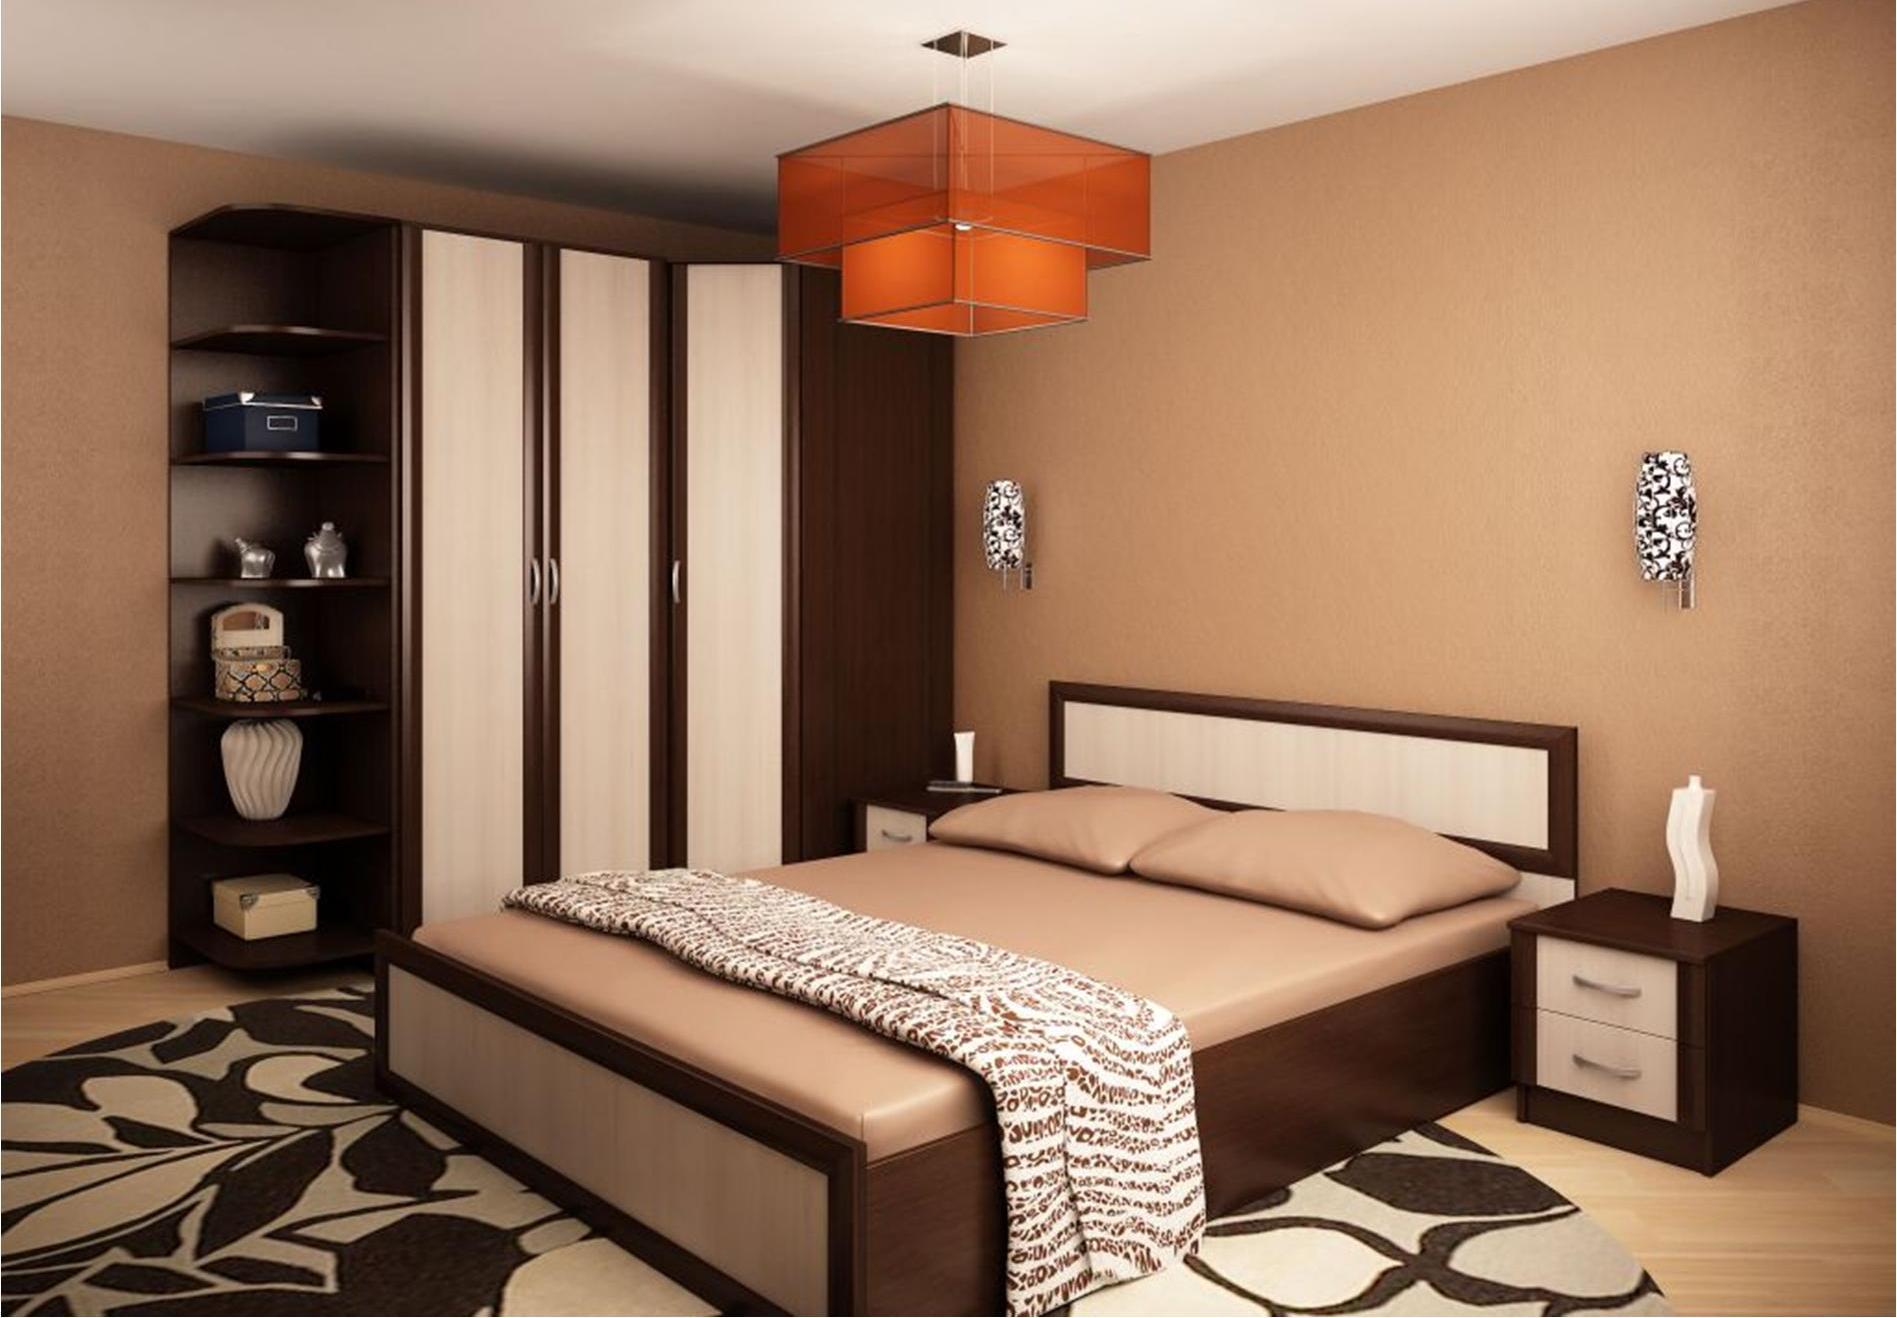 Спальня валерия 10 - купить дешево от производителя! каталог.